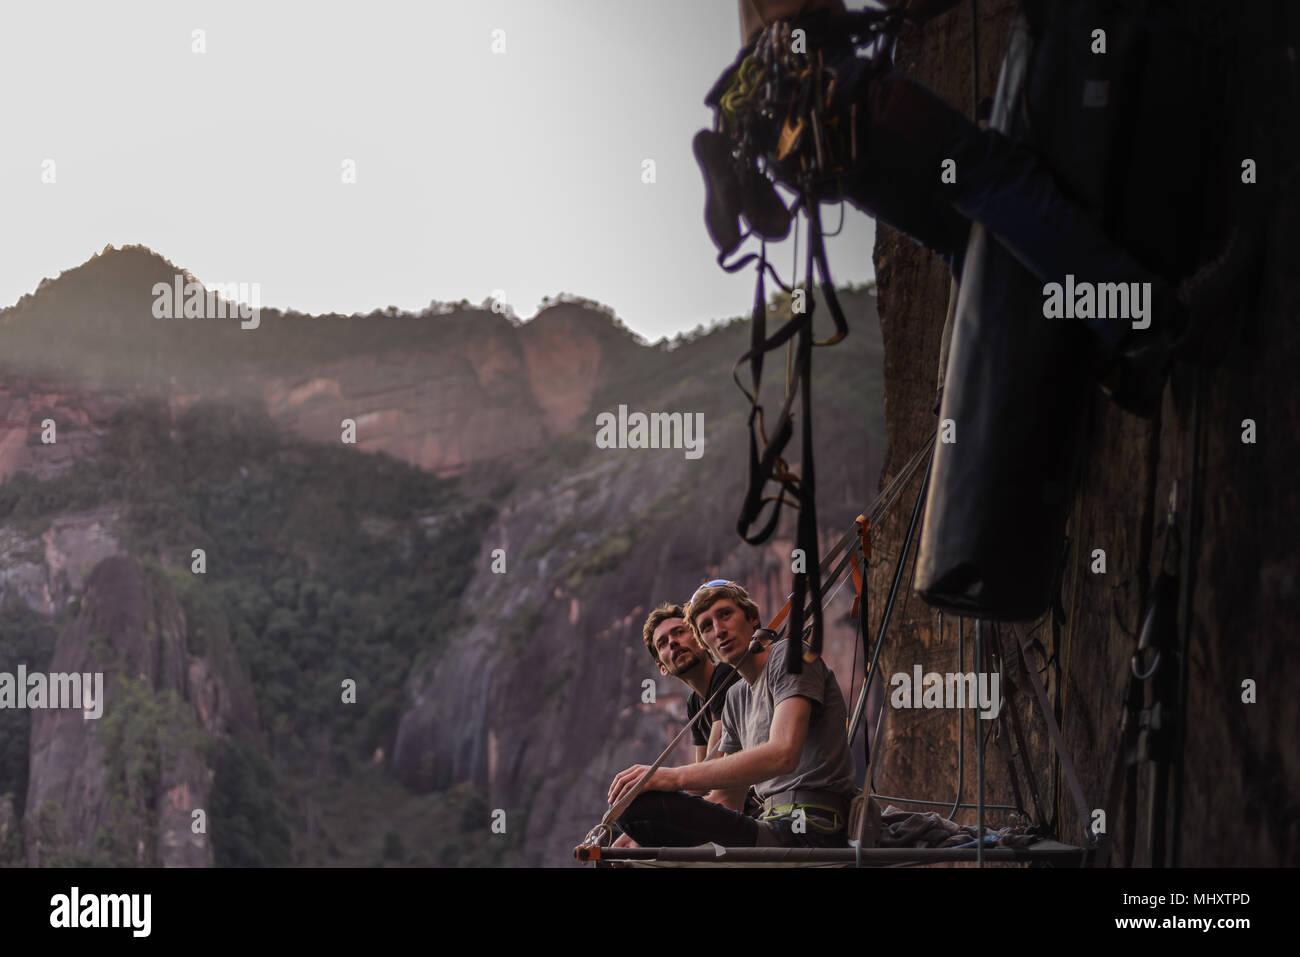 Zwei Kletterer sitzen auf portaledge, Freund klettern Fels neben Ihnen, Kalken, Provinz Yunnan, China Stockbild